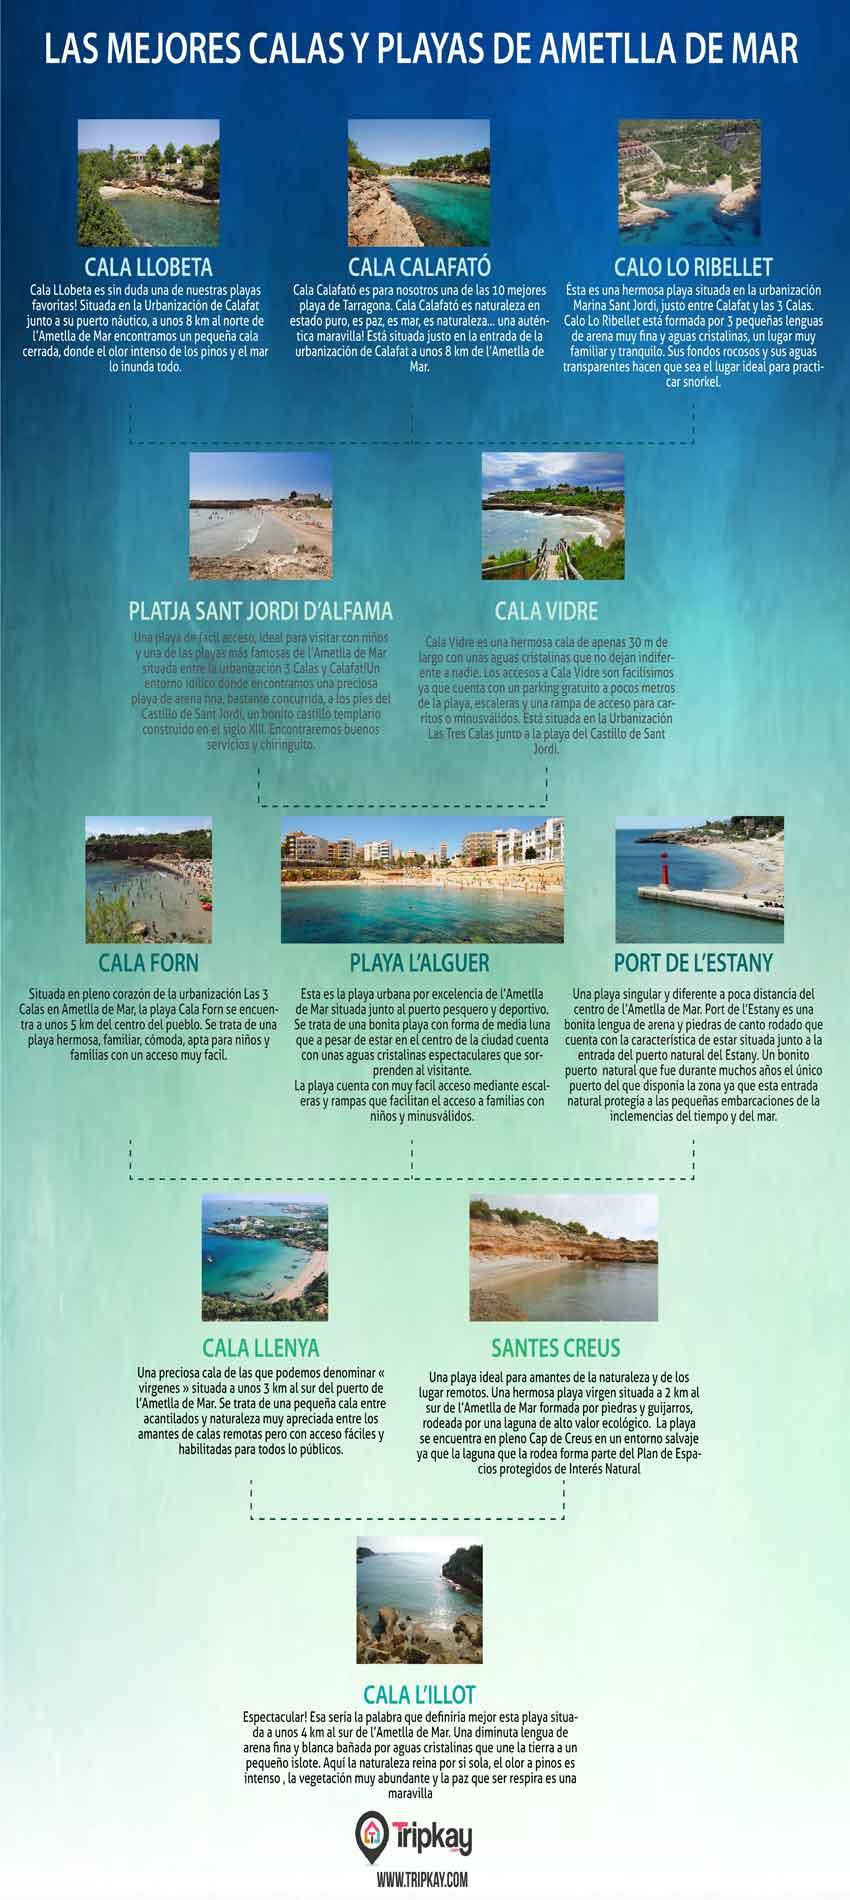 Las mejores playas de l'Ametlla de Mar